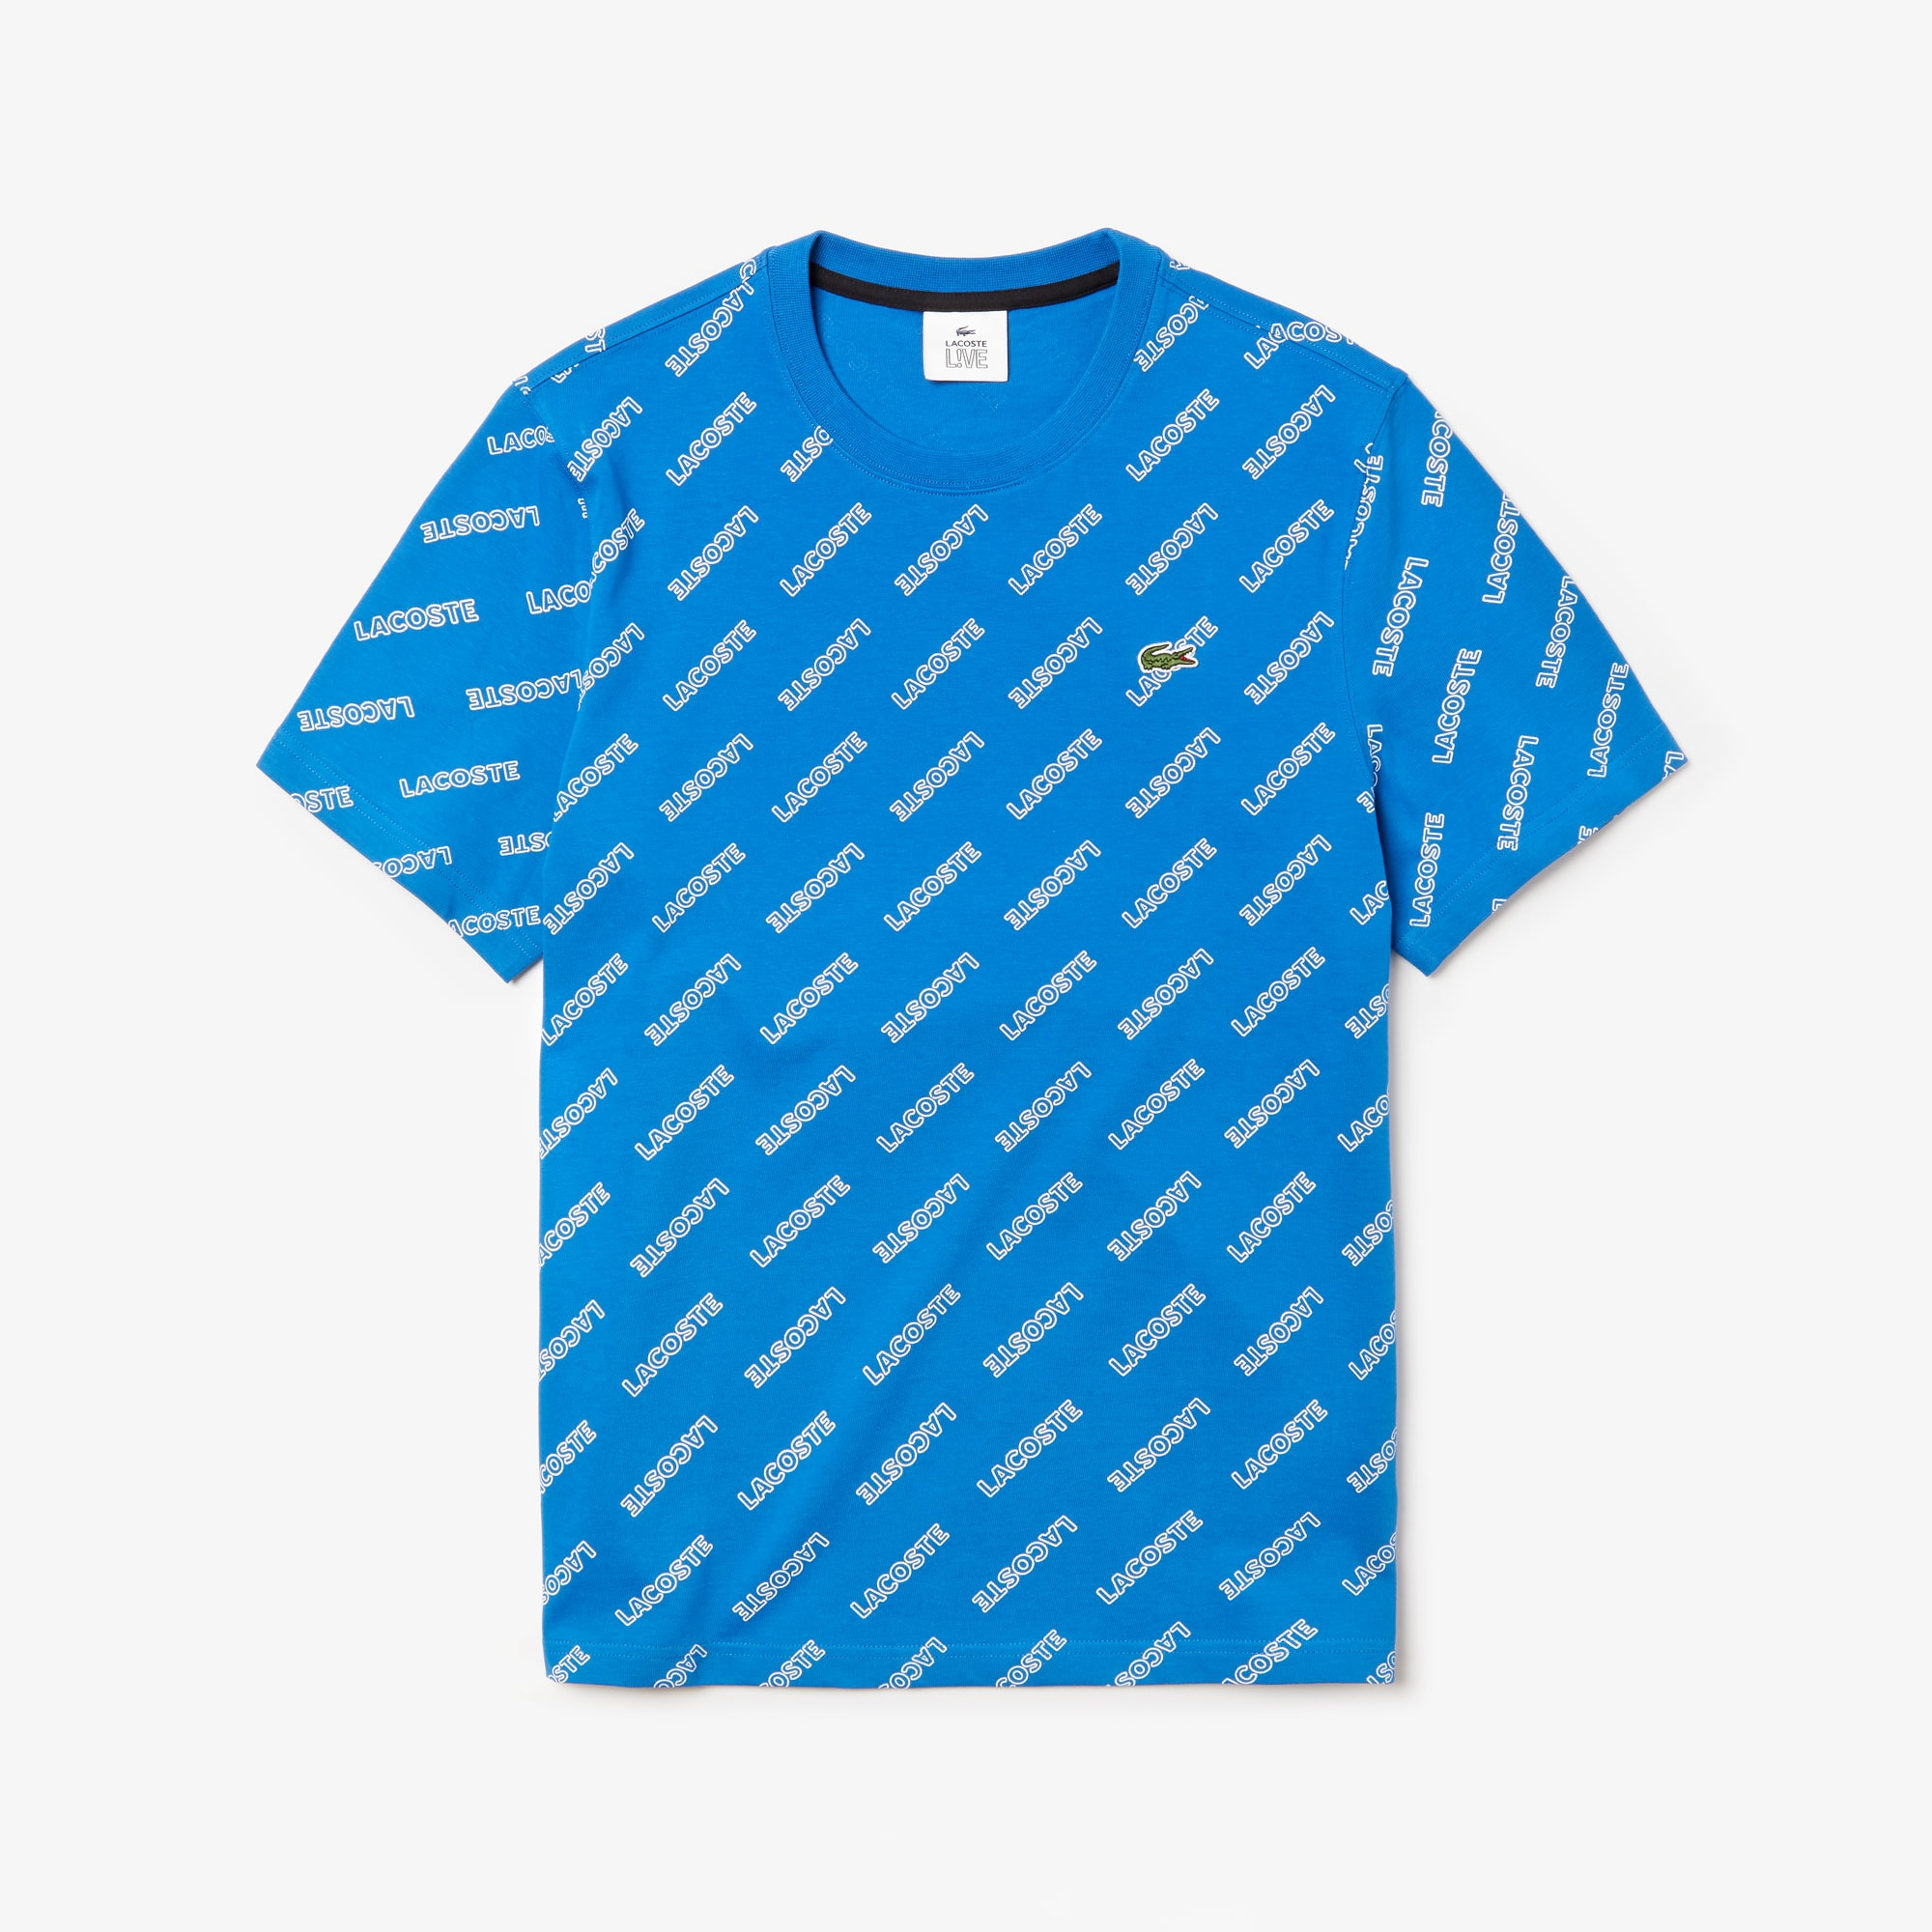 5602e773e4 T-shirt e magliette da uomo   Collezione uomo   LACOSTE